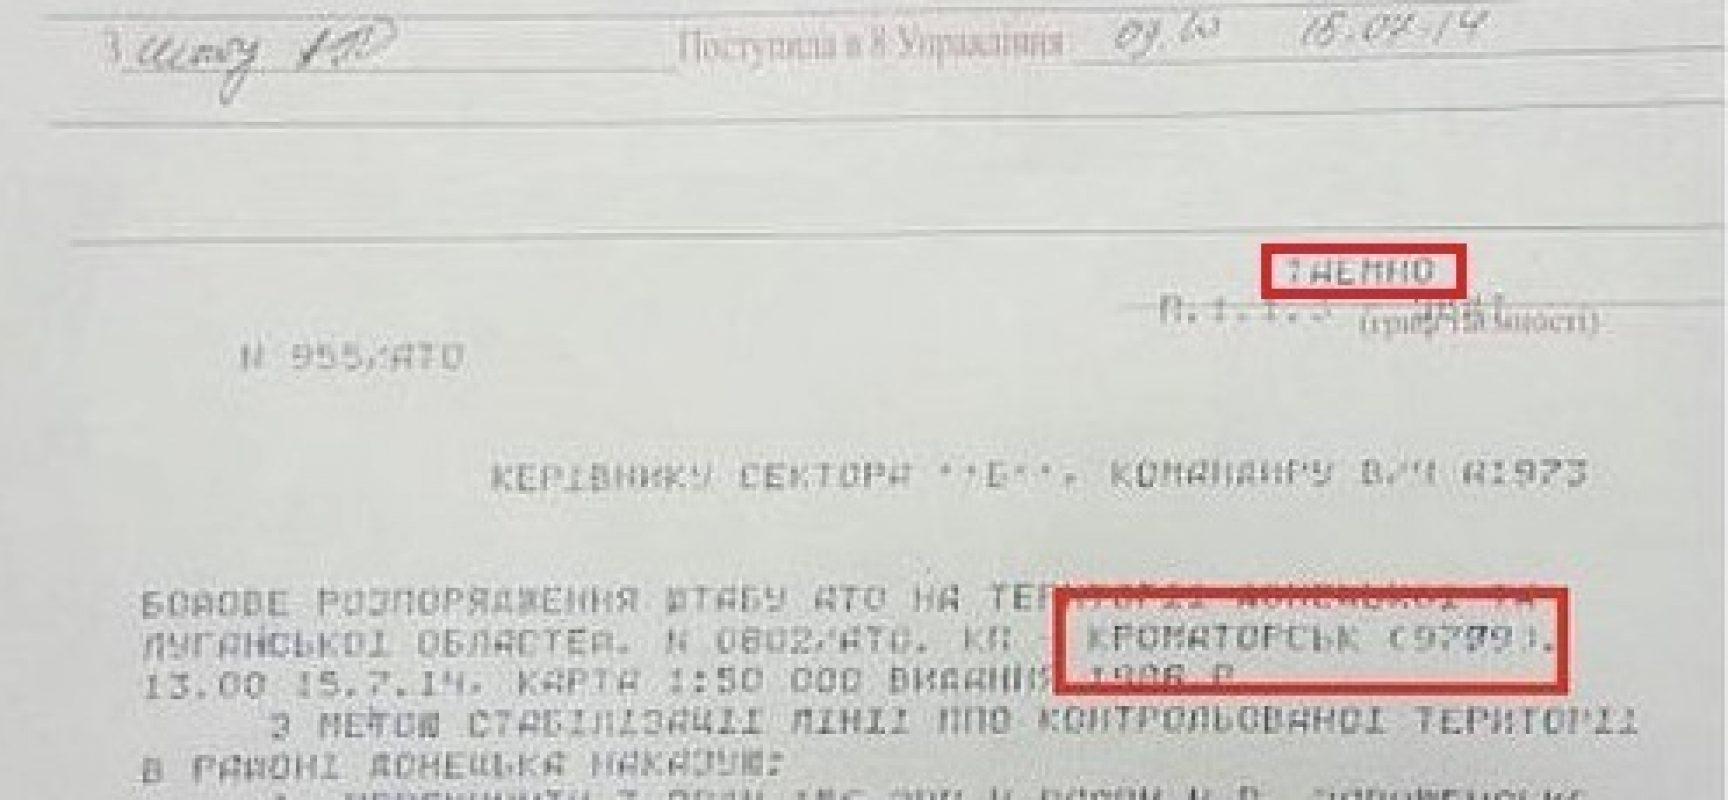 """Фейк: Изплува """"заповед"""" за прехвърляне на украински """"Бук"""" в Донецка област, """"подписана"""" от """"генерал-полковник"""" Муженко на 15 юли 2014 г."""